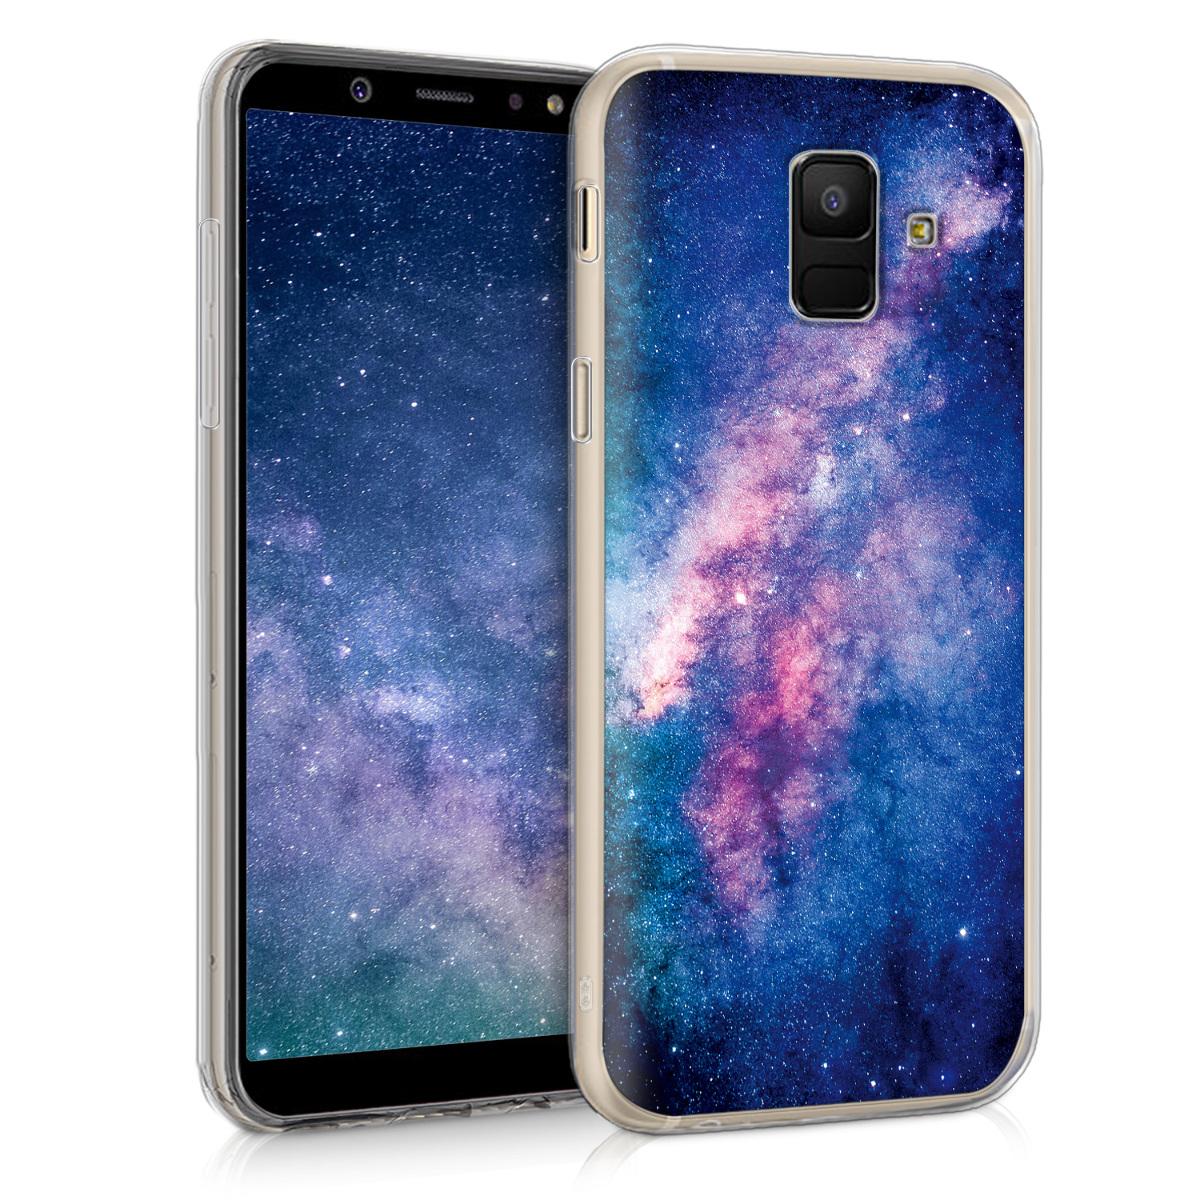 KW Θήκη Σιλικόνης Samsung Galaxy A6 2018 - Pink / Blue Space (45255.09)